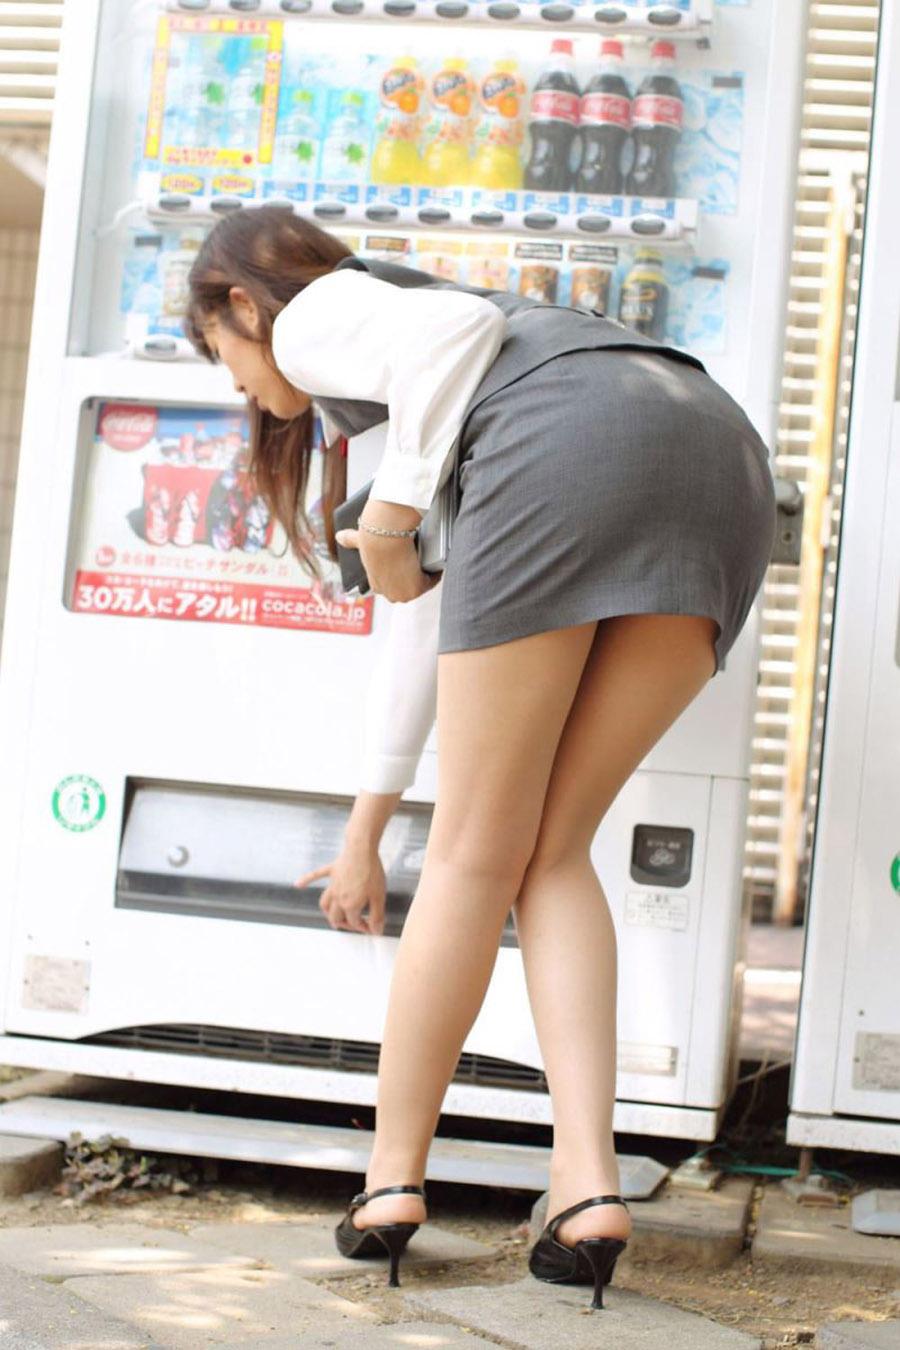 このアングルのタイトスカートお尻が好き!